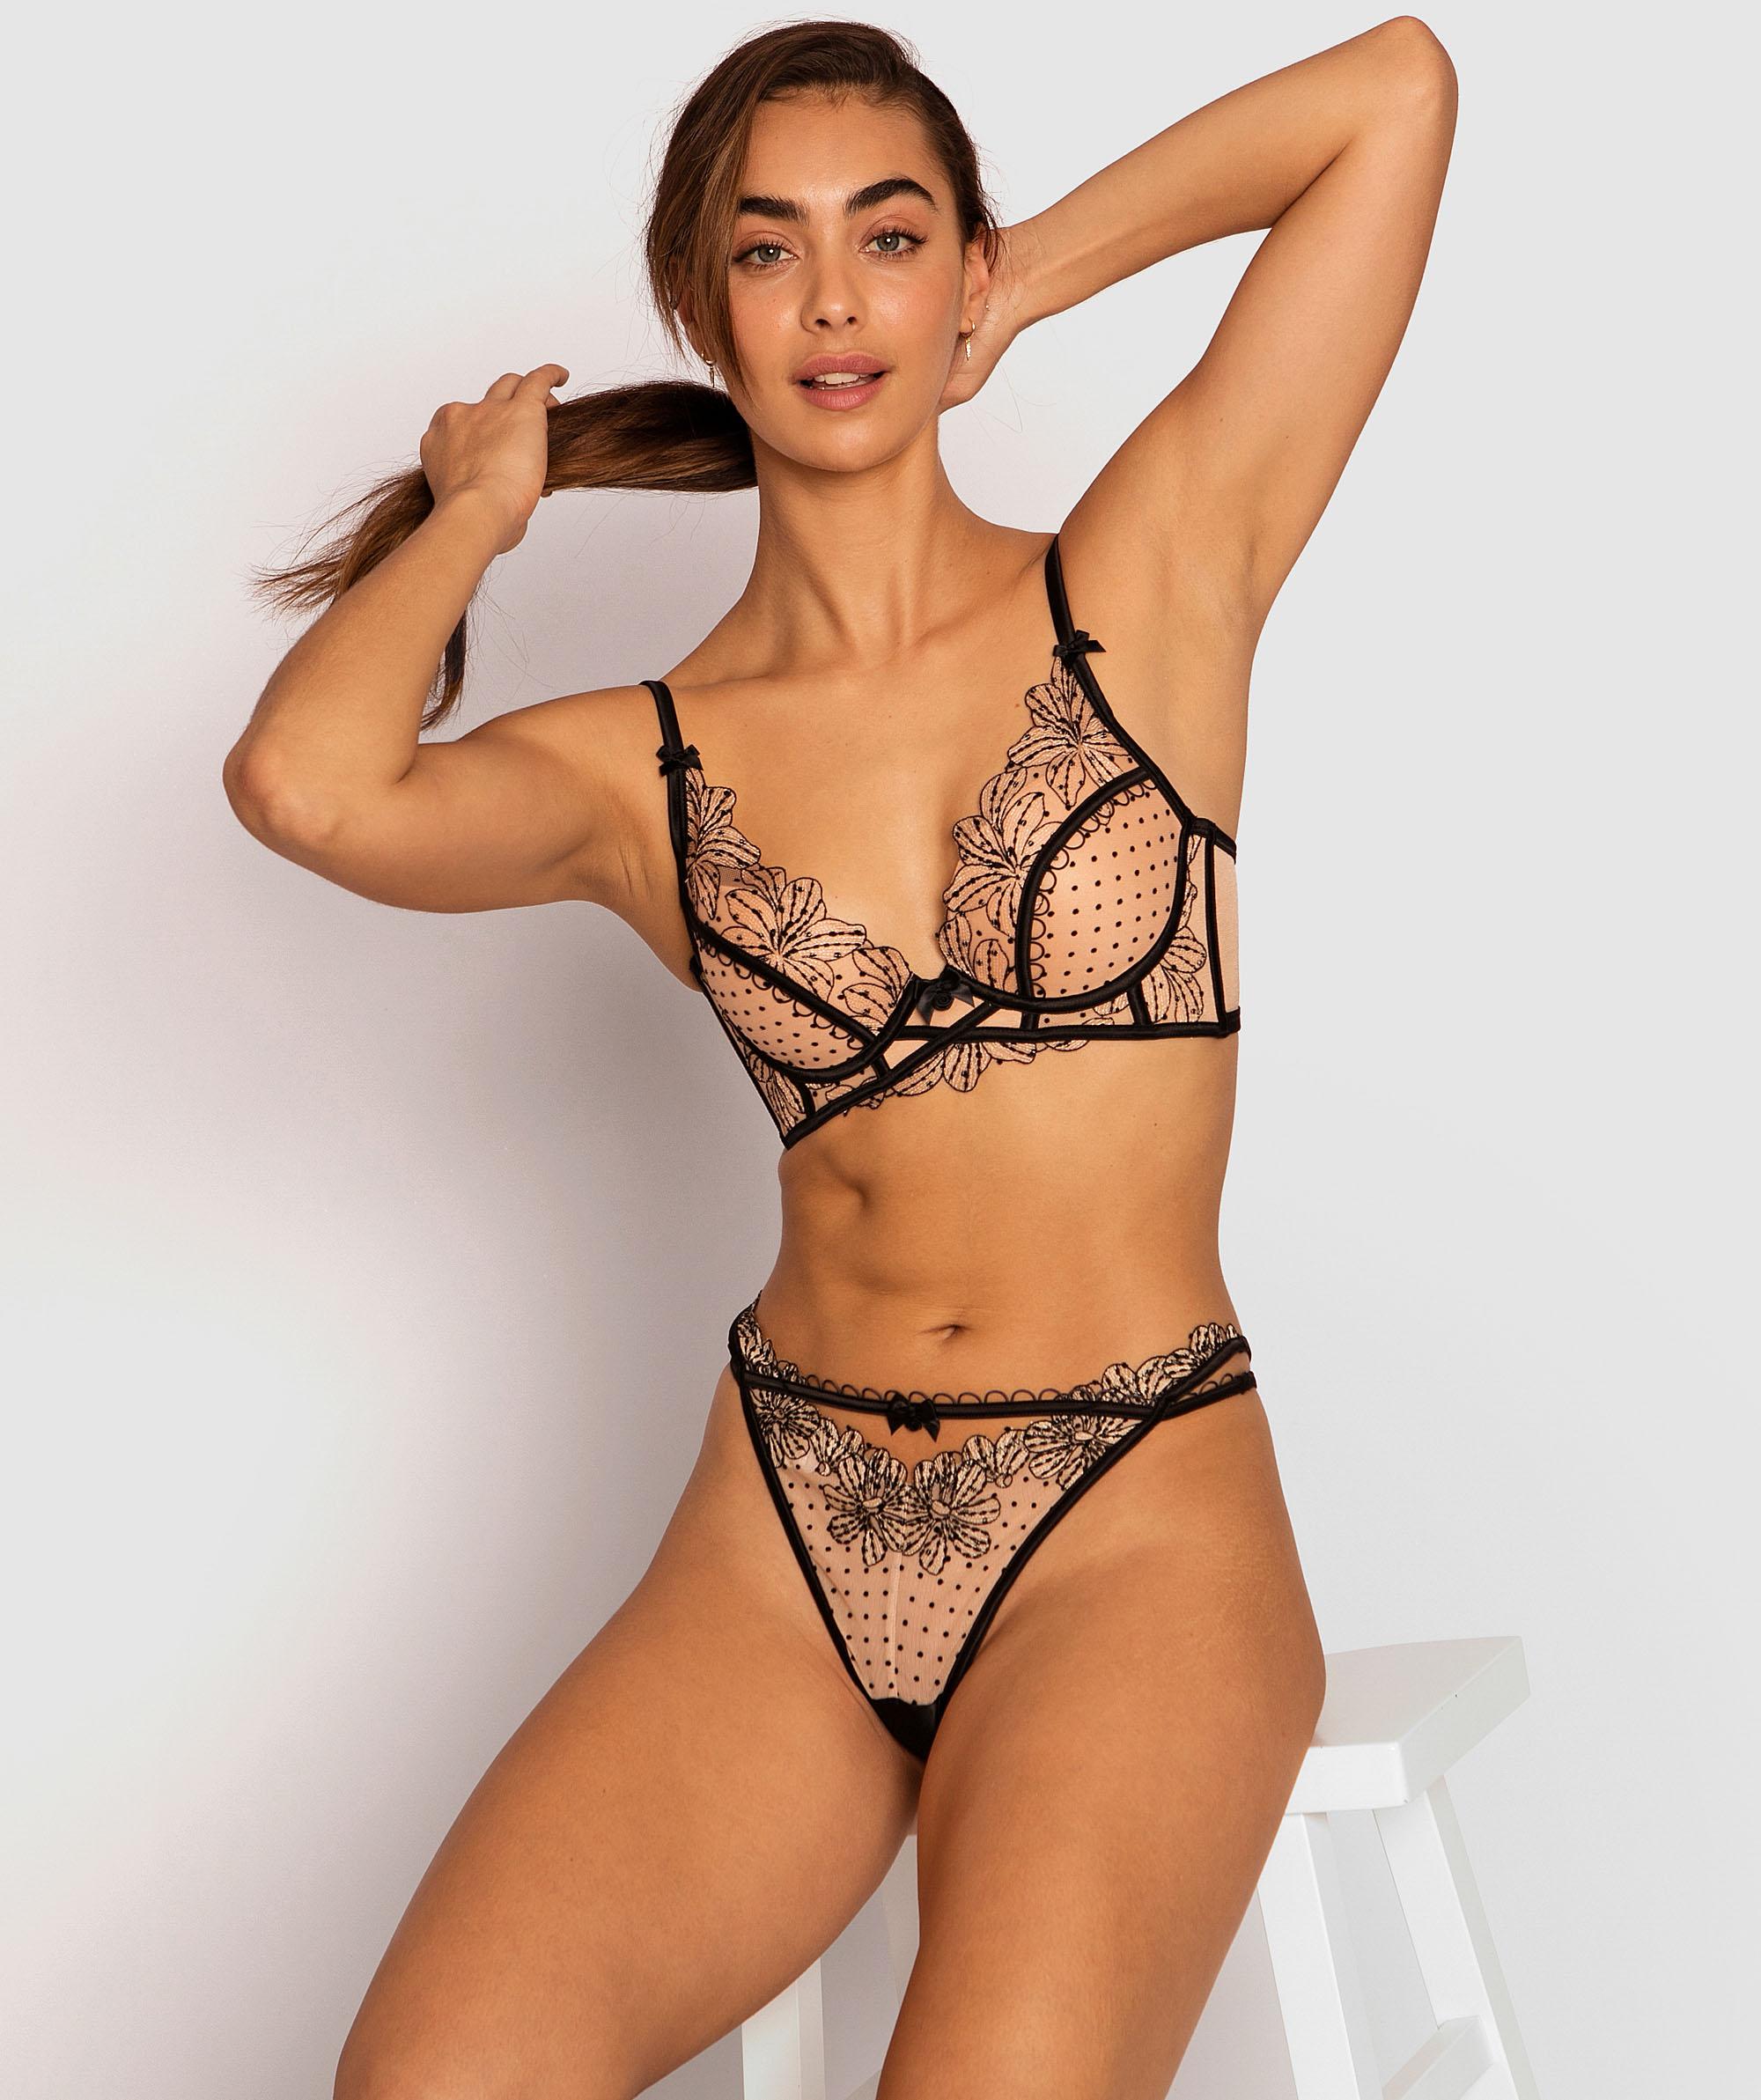 Enchanted Maiella Mini V Knicker - Black/Nude